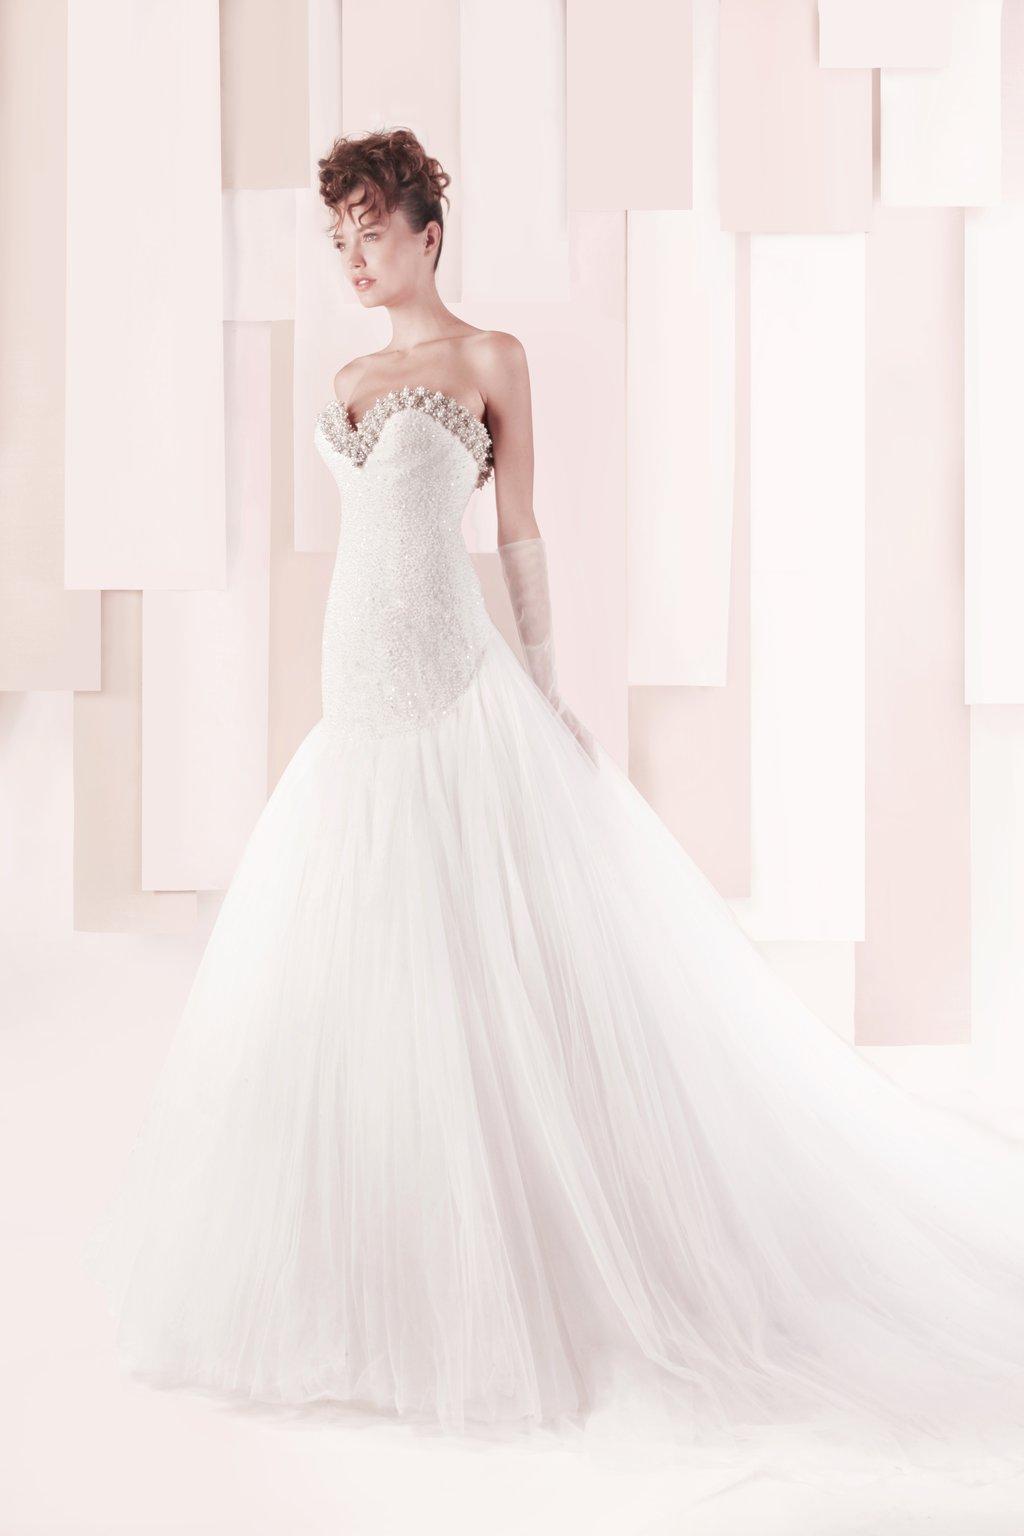 2013-wedding-dress-by-gemy-maalouf-bridal-style-3333.full